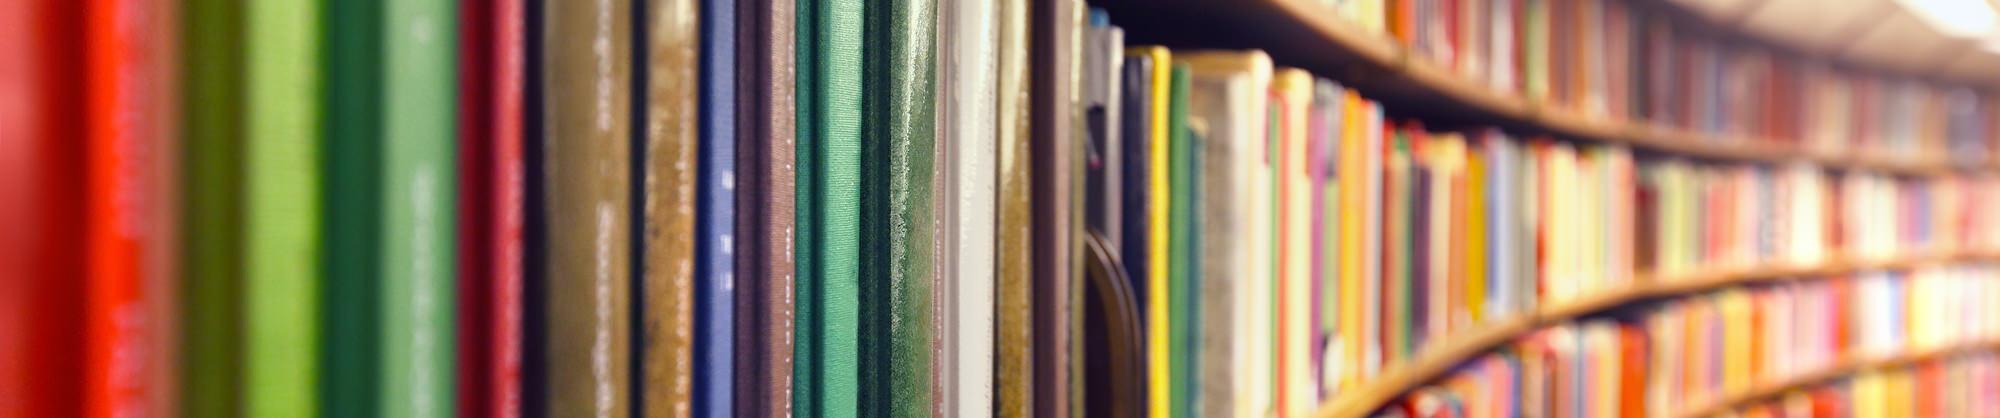 Books on a long curved shelf